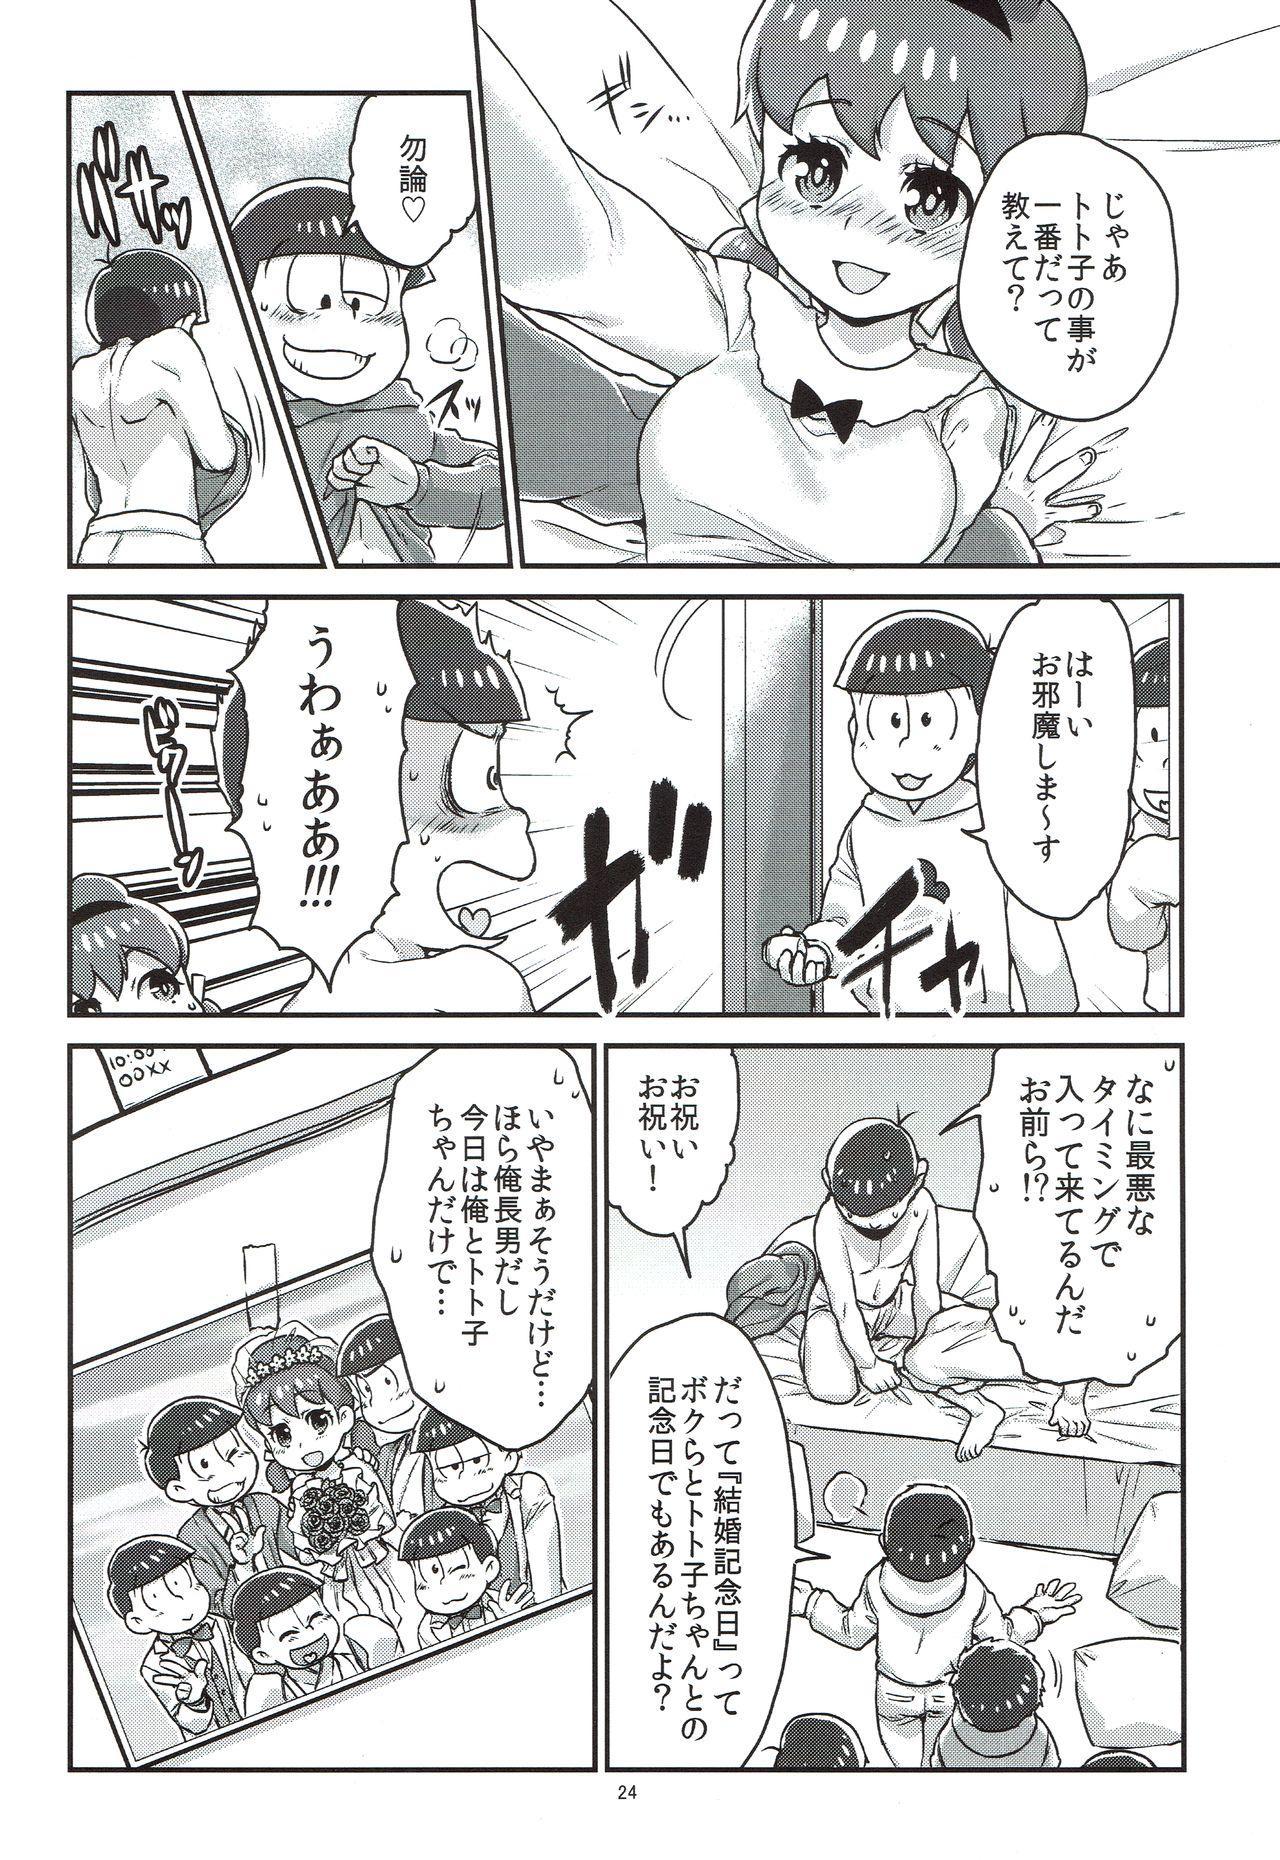 Mutsugo to Totoko-chan no Juukon Seikatsu 24